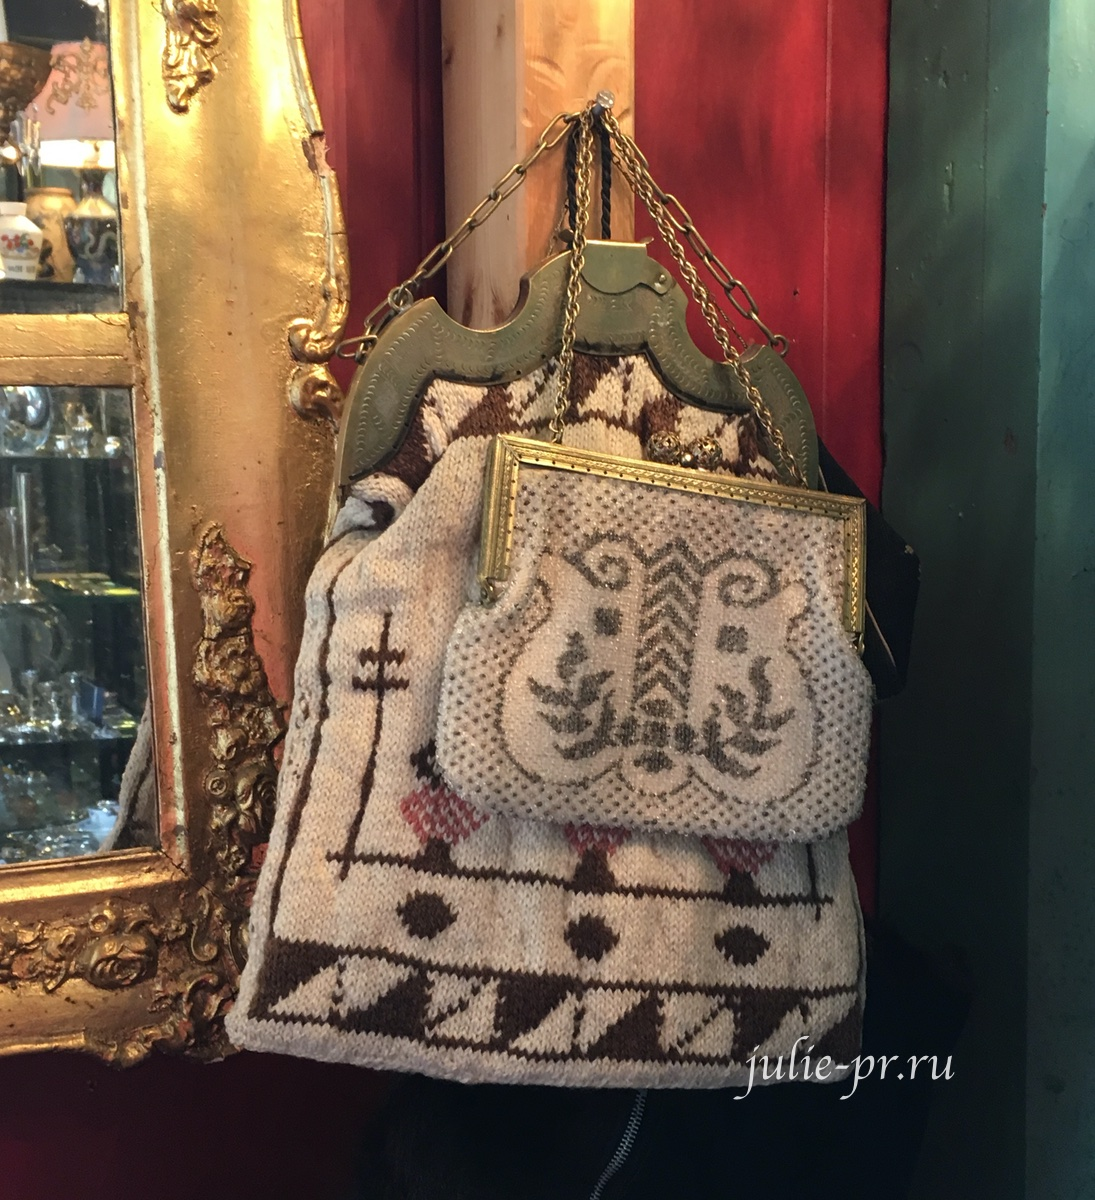 Винтажная вышивка, ридикюль, вышивка бисером, Берген, Норвегия